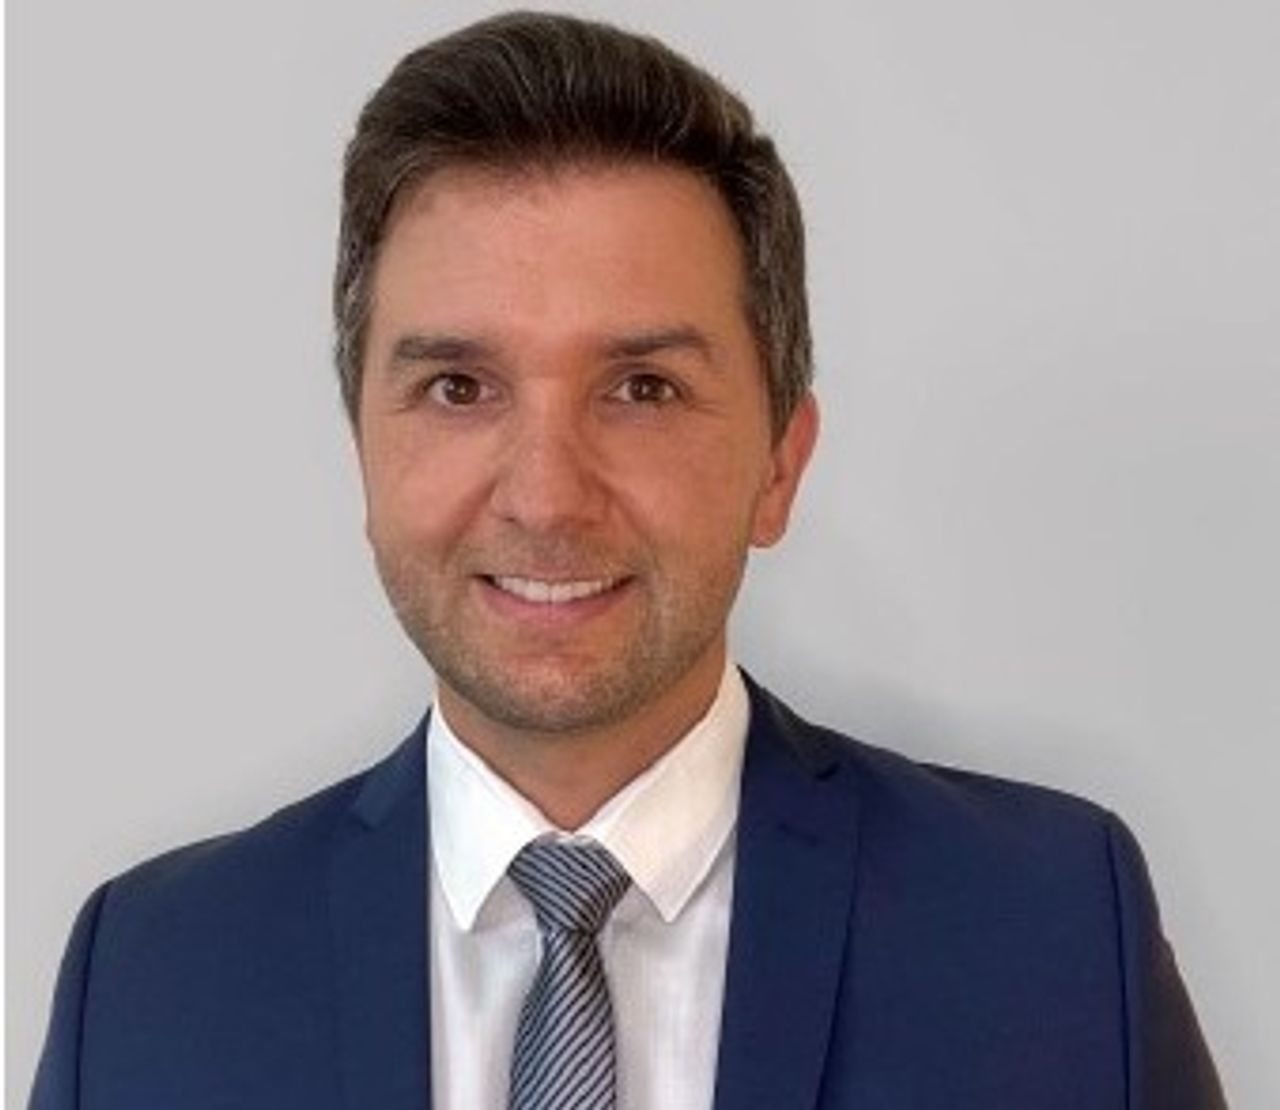 Patrick Frischmann